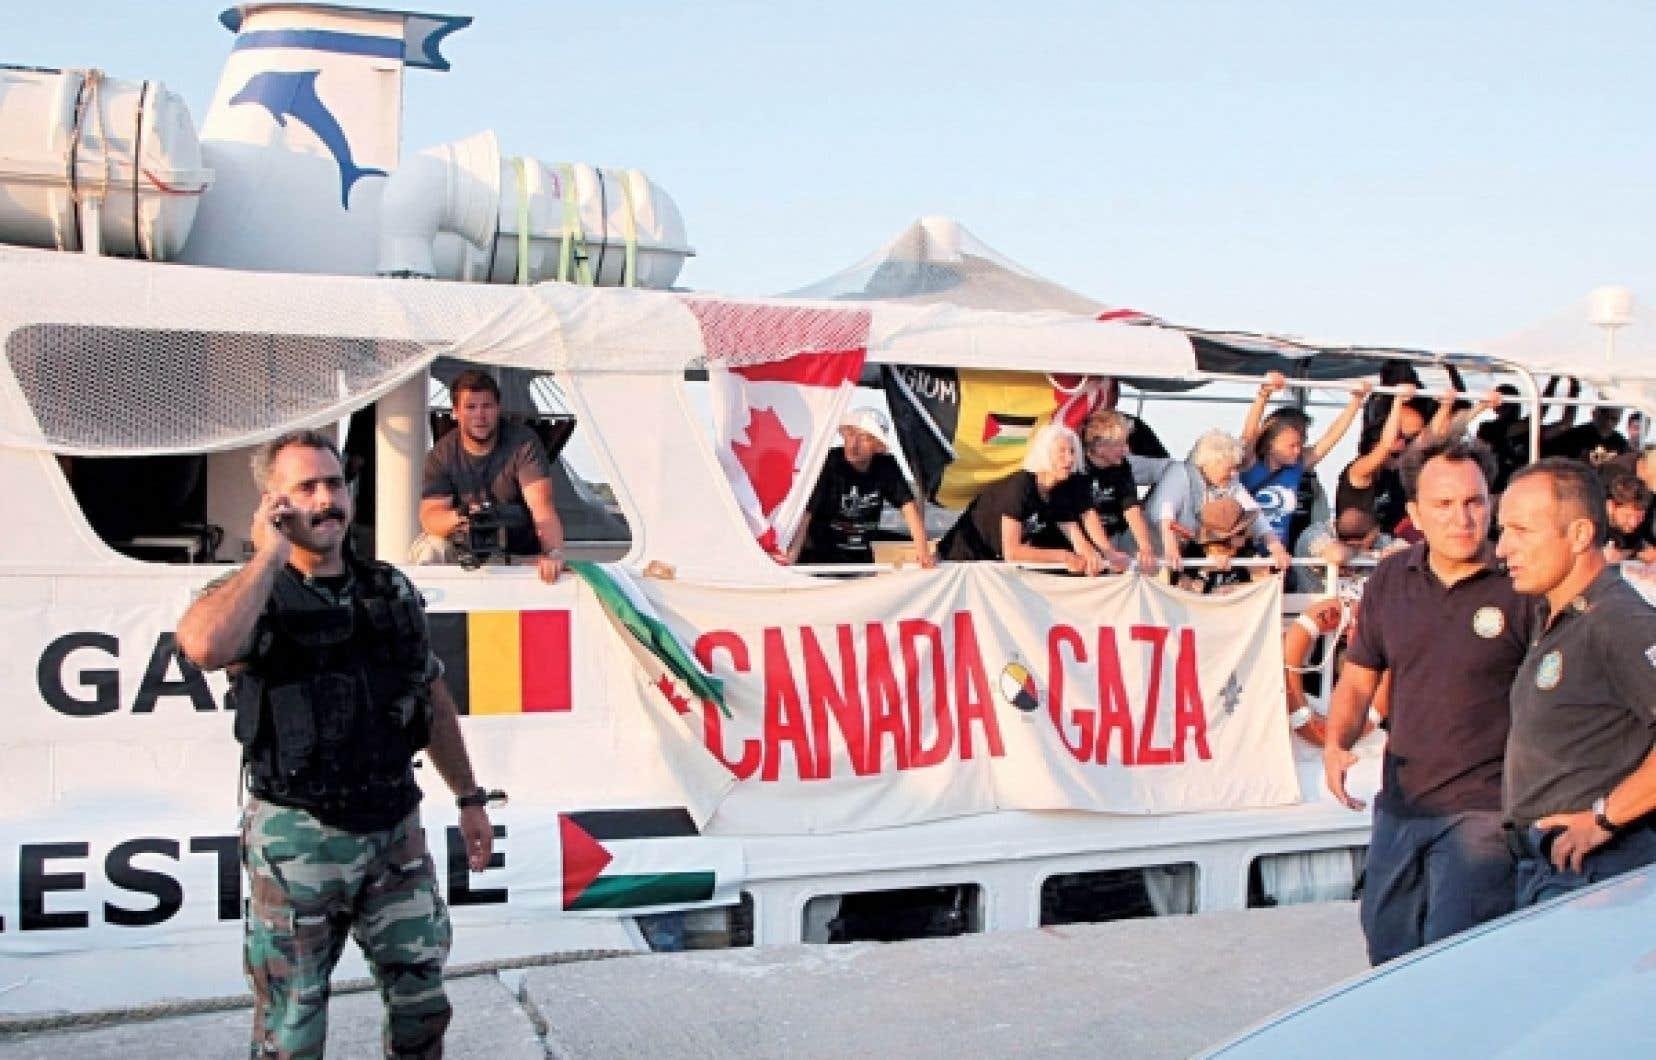 Le Tahrir et ses passagers sont surveillés par les garde-côtes grecs après leur arraisonnement lundi. Les militants sont déterminés à mener leur cargaison de médicaments à Gaza, quitte à acheter un nouveau bateau, le Tahrir ayant subi des dommages lors de la manœuvre.<br />